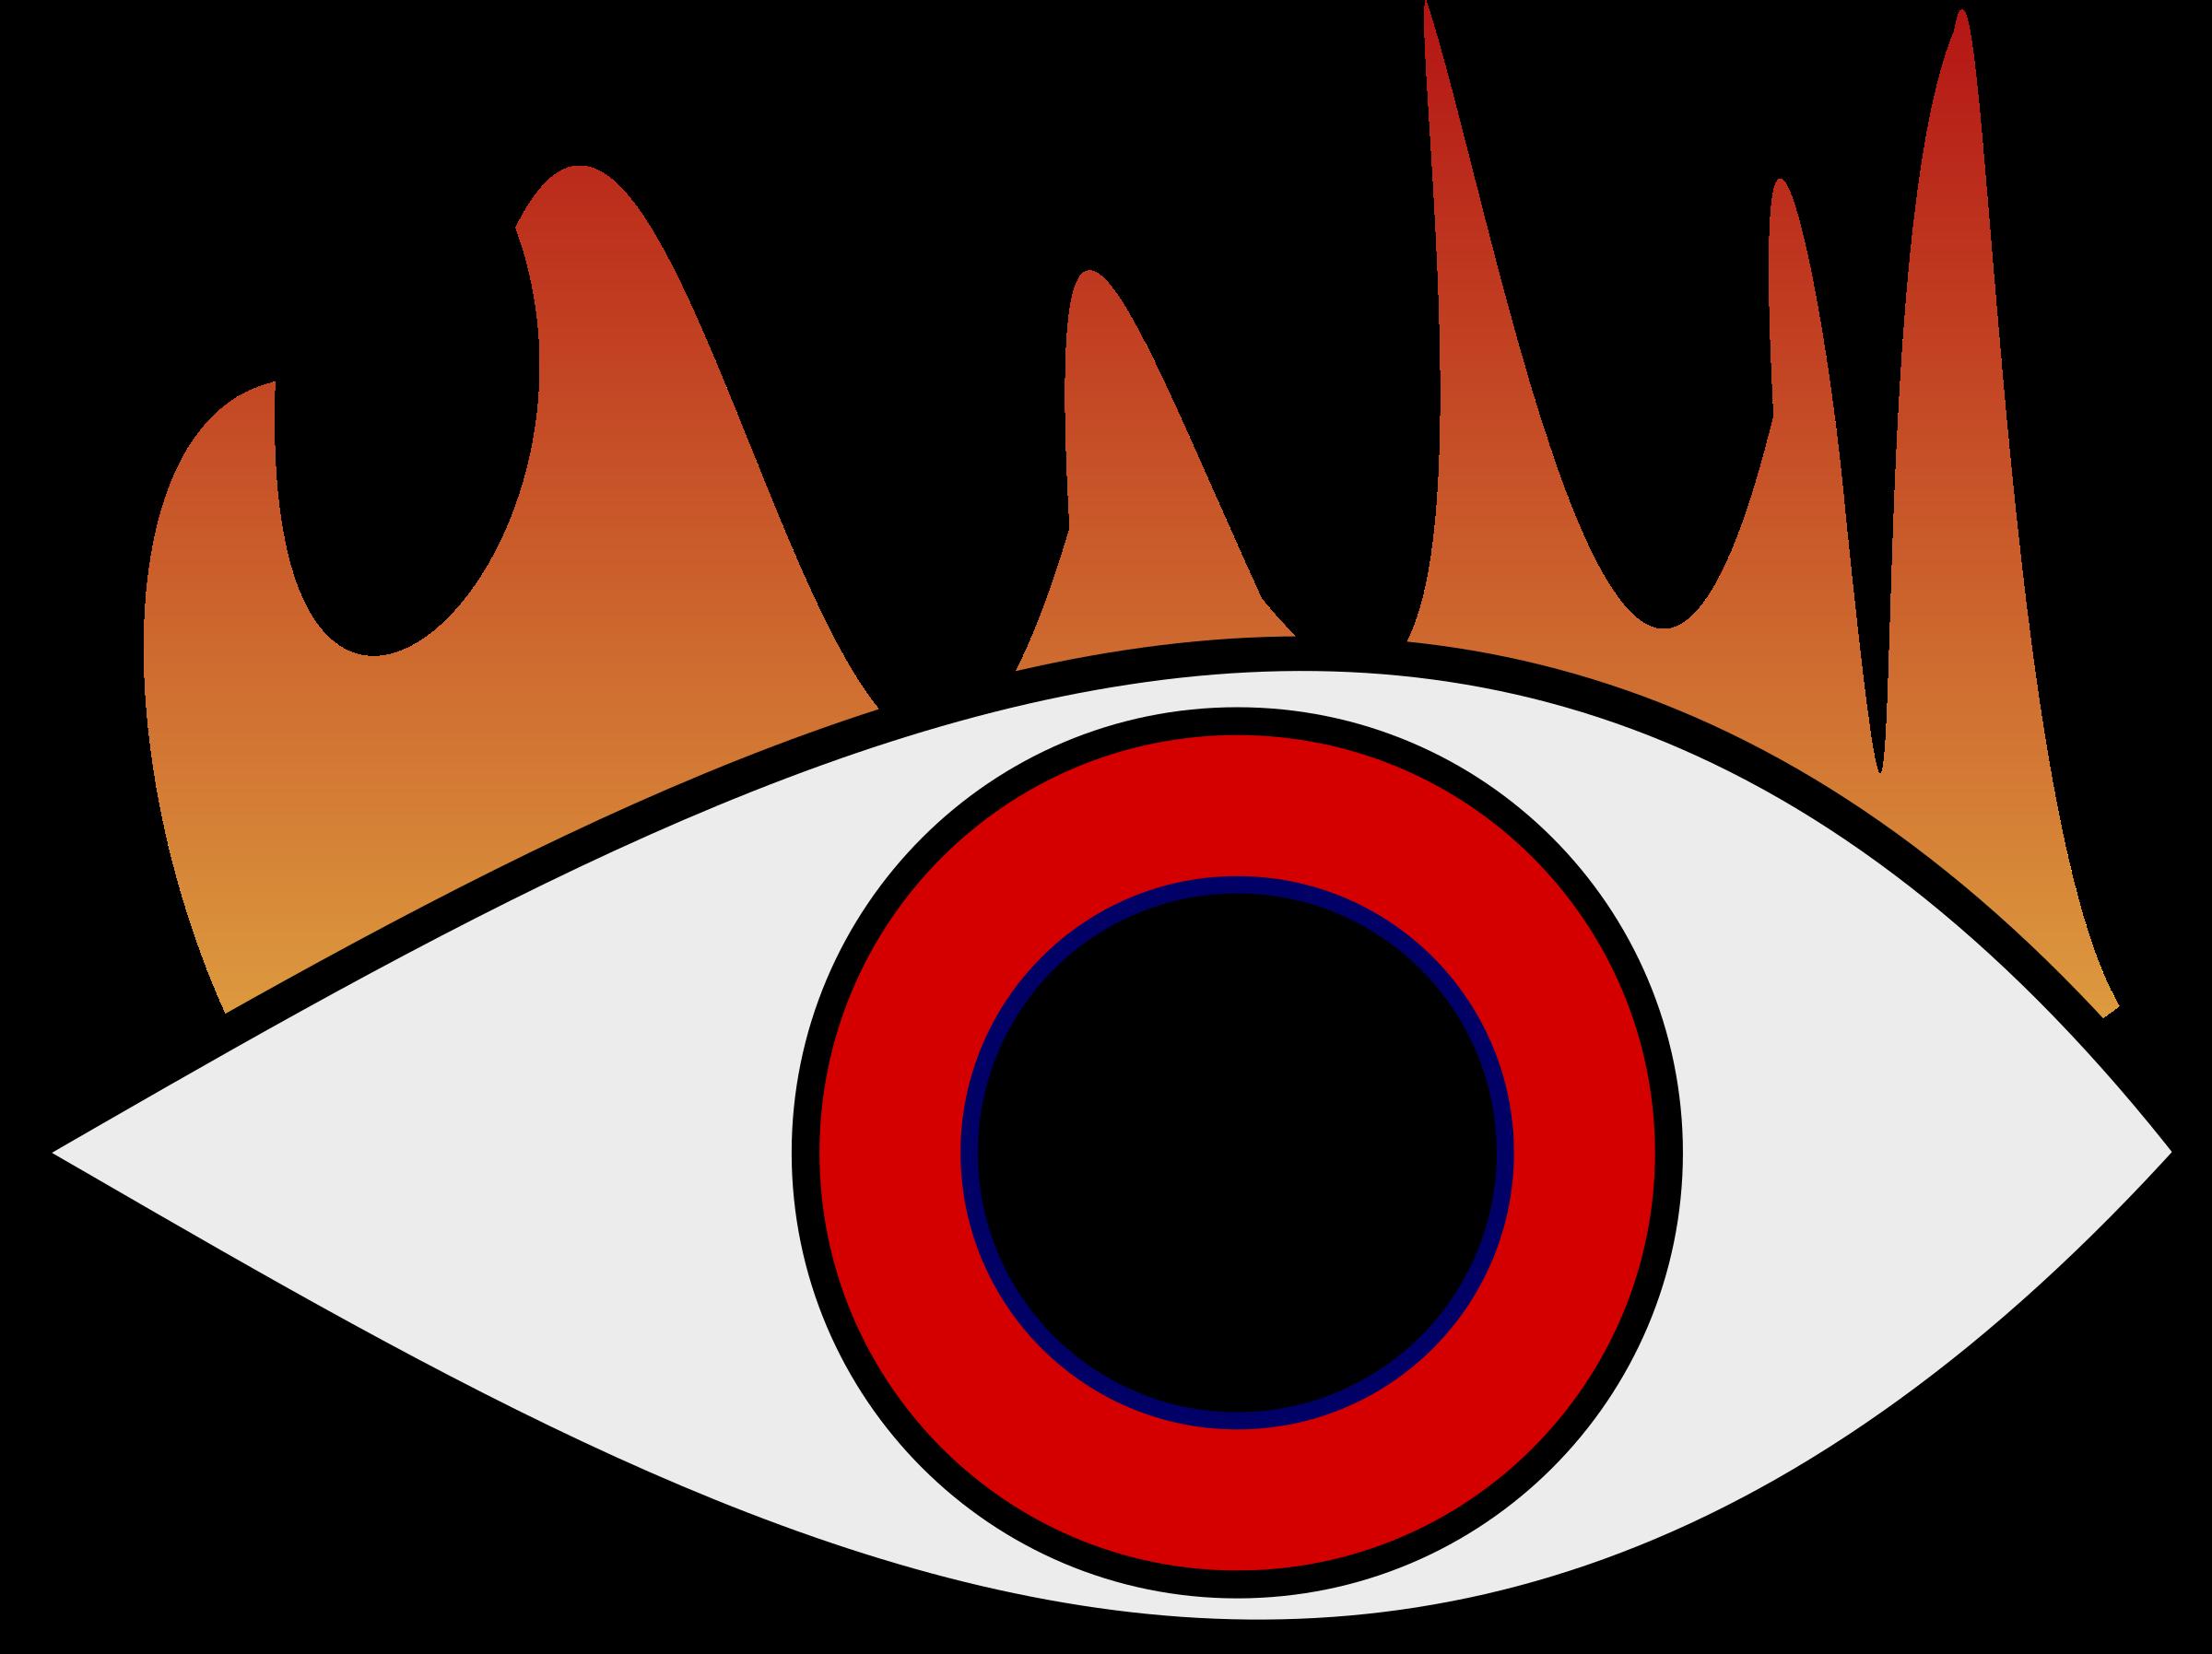 Eyeballs clipart eye symbol, Eyeballs eye symbol Transparent.